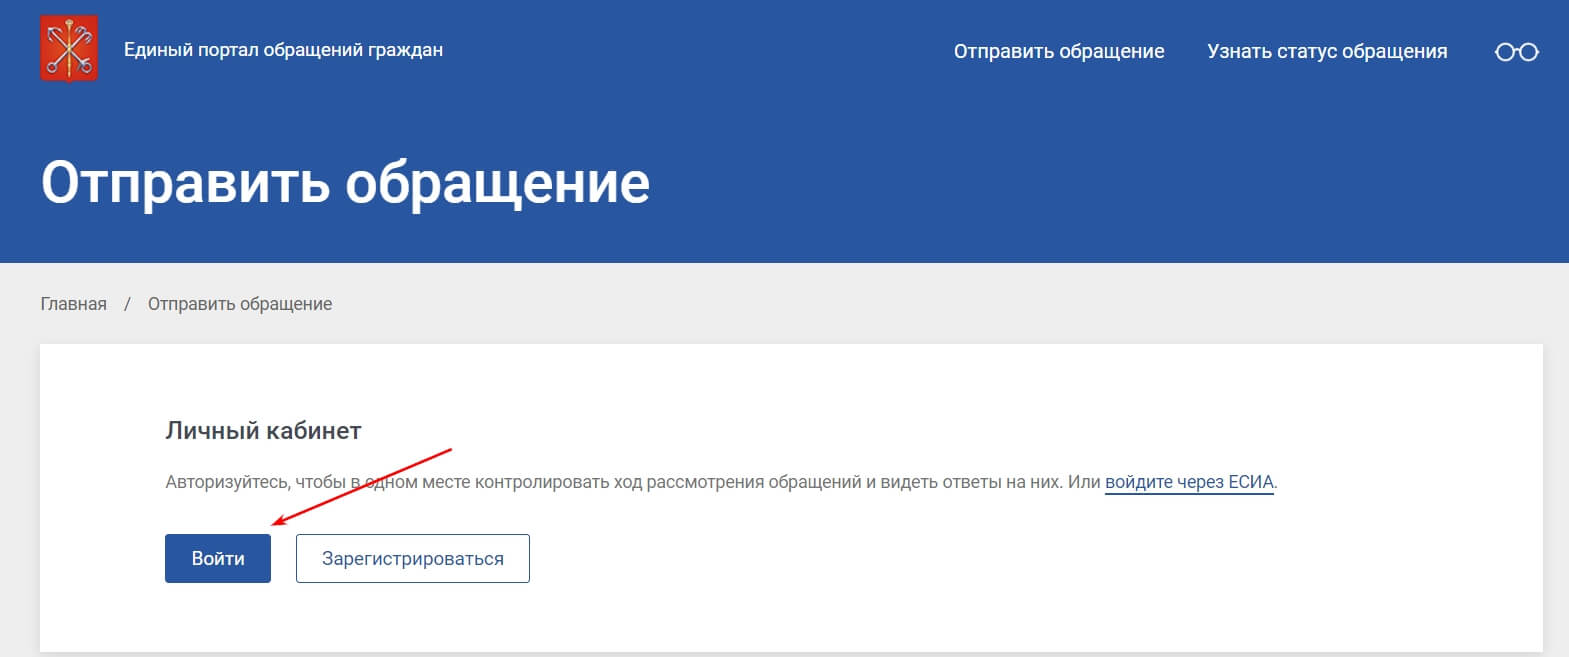 Сайт Единого портала обращений граждан